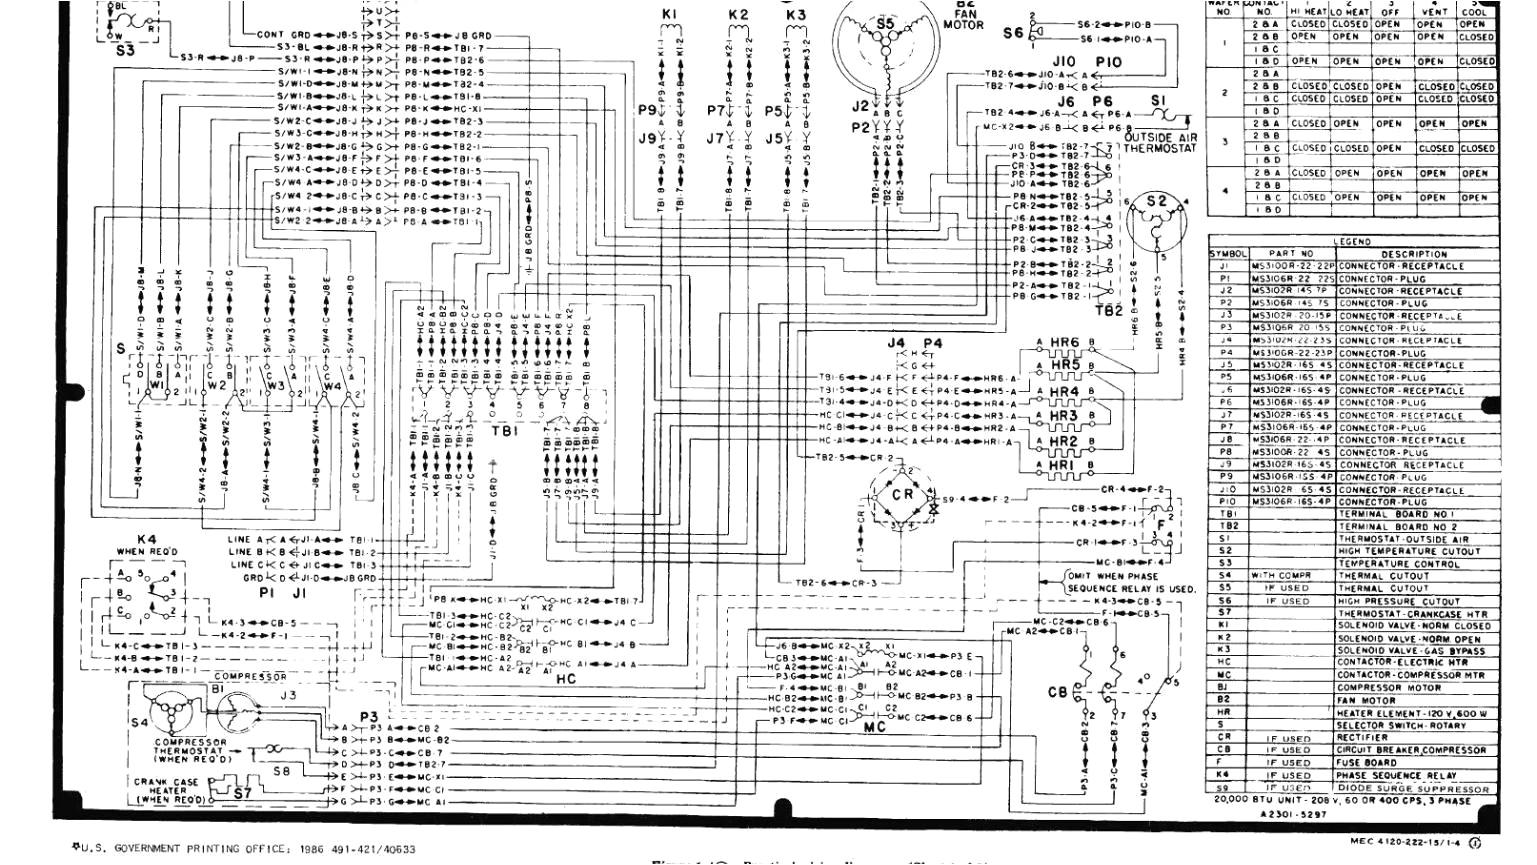 trane intellipak wiring diagrams wiring diagram expert trane rooftop unit wiring diagram trane intellipak wiring diagrams